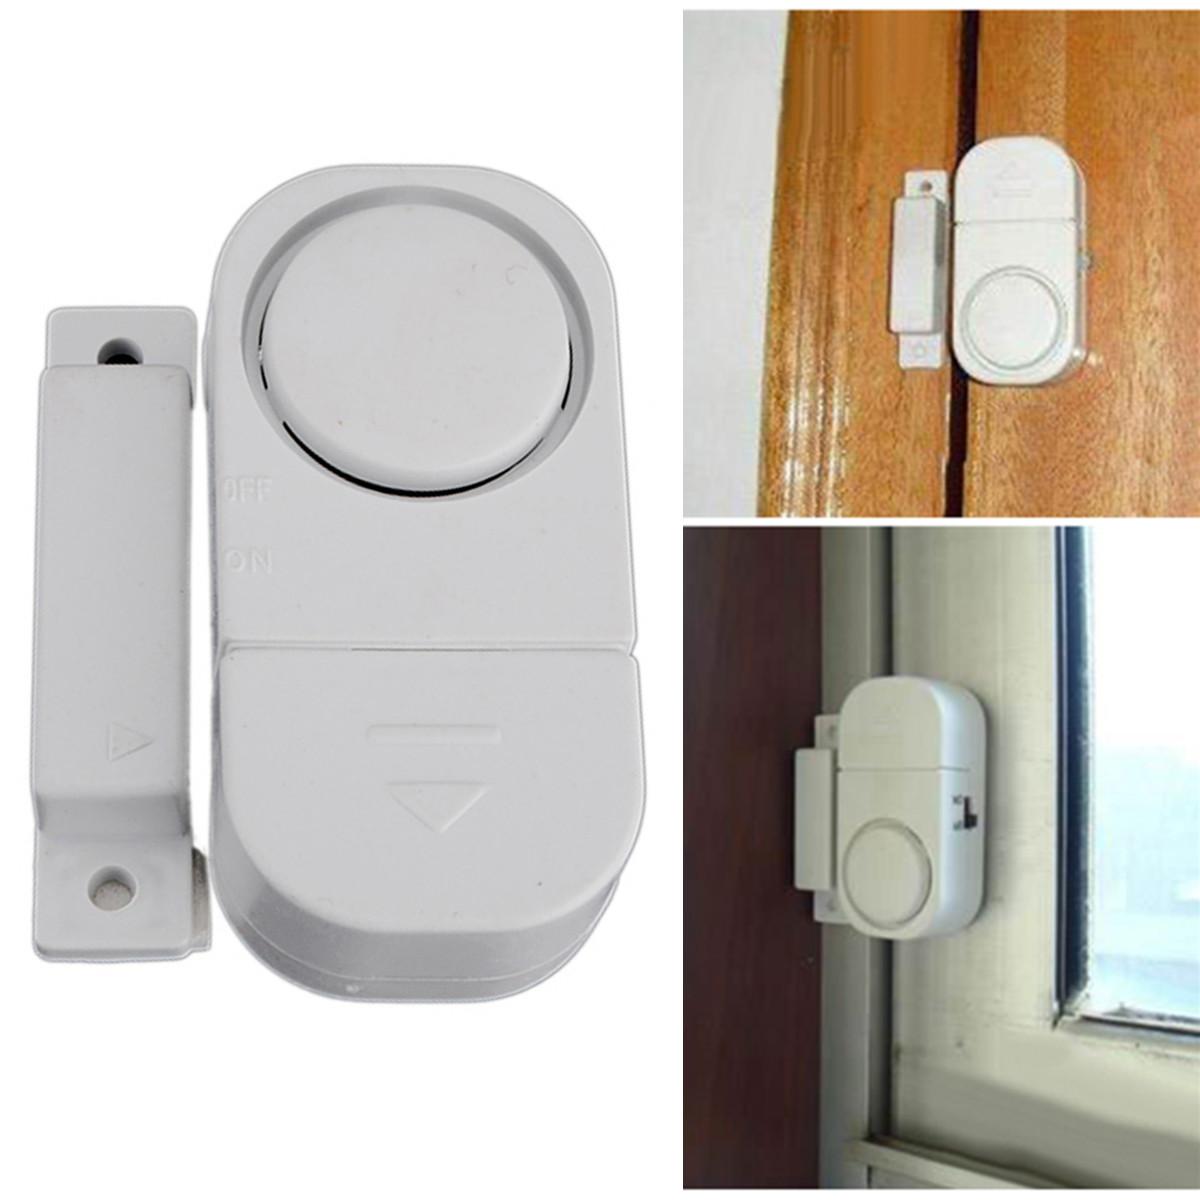 Wireless home window door entry burglar security alarm for Window alarms